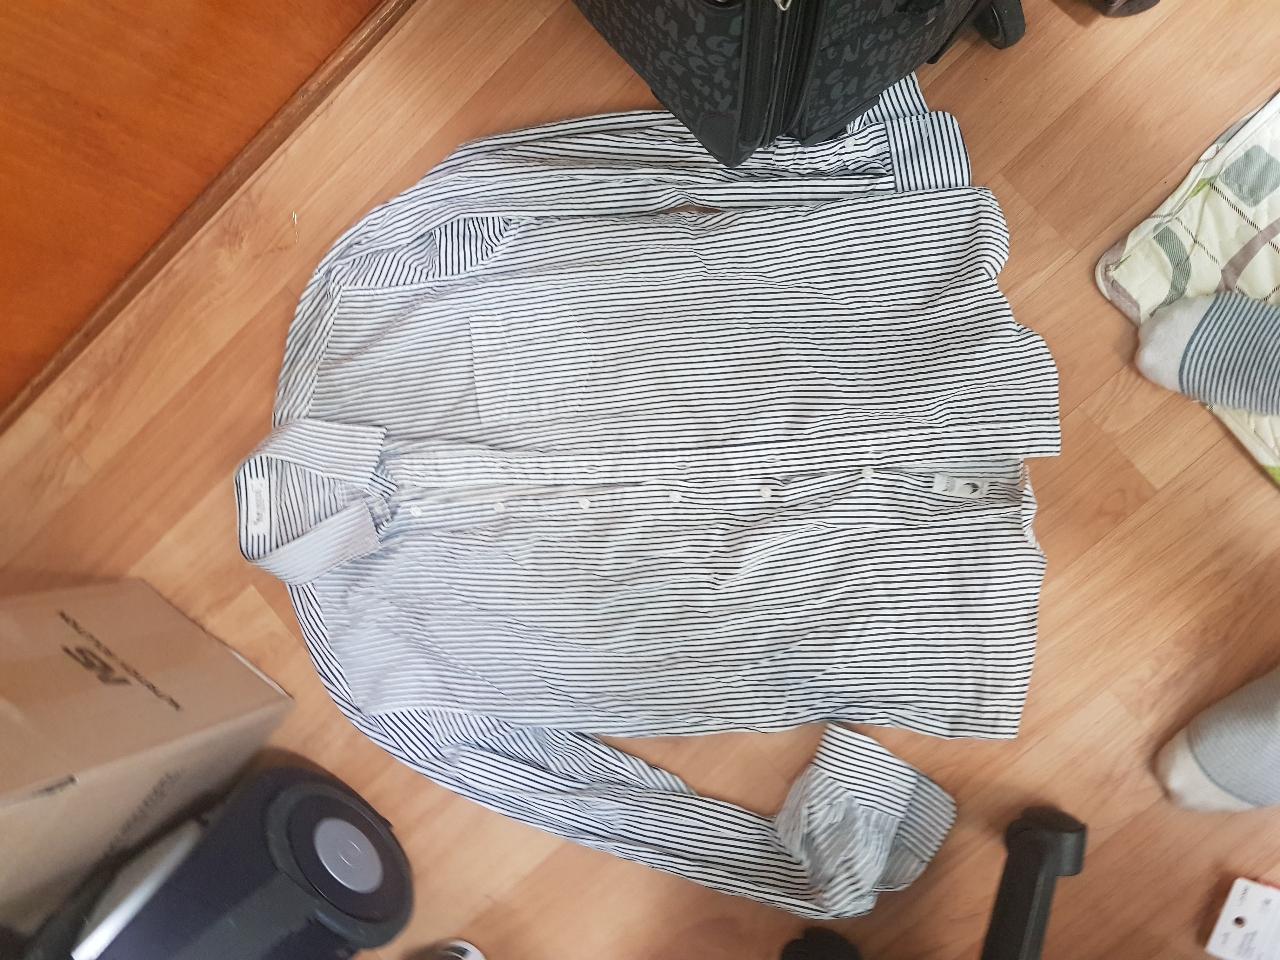 회색과 흰색의 핀스트라이프 셔츠